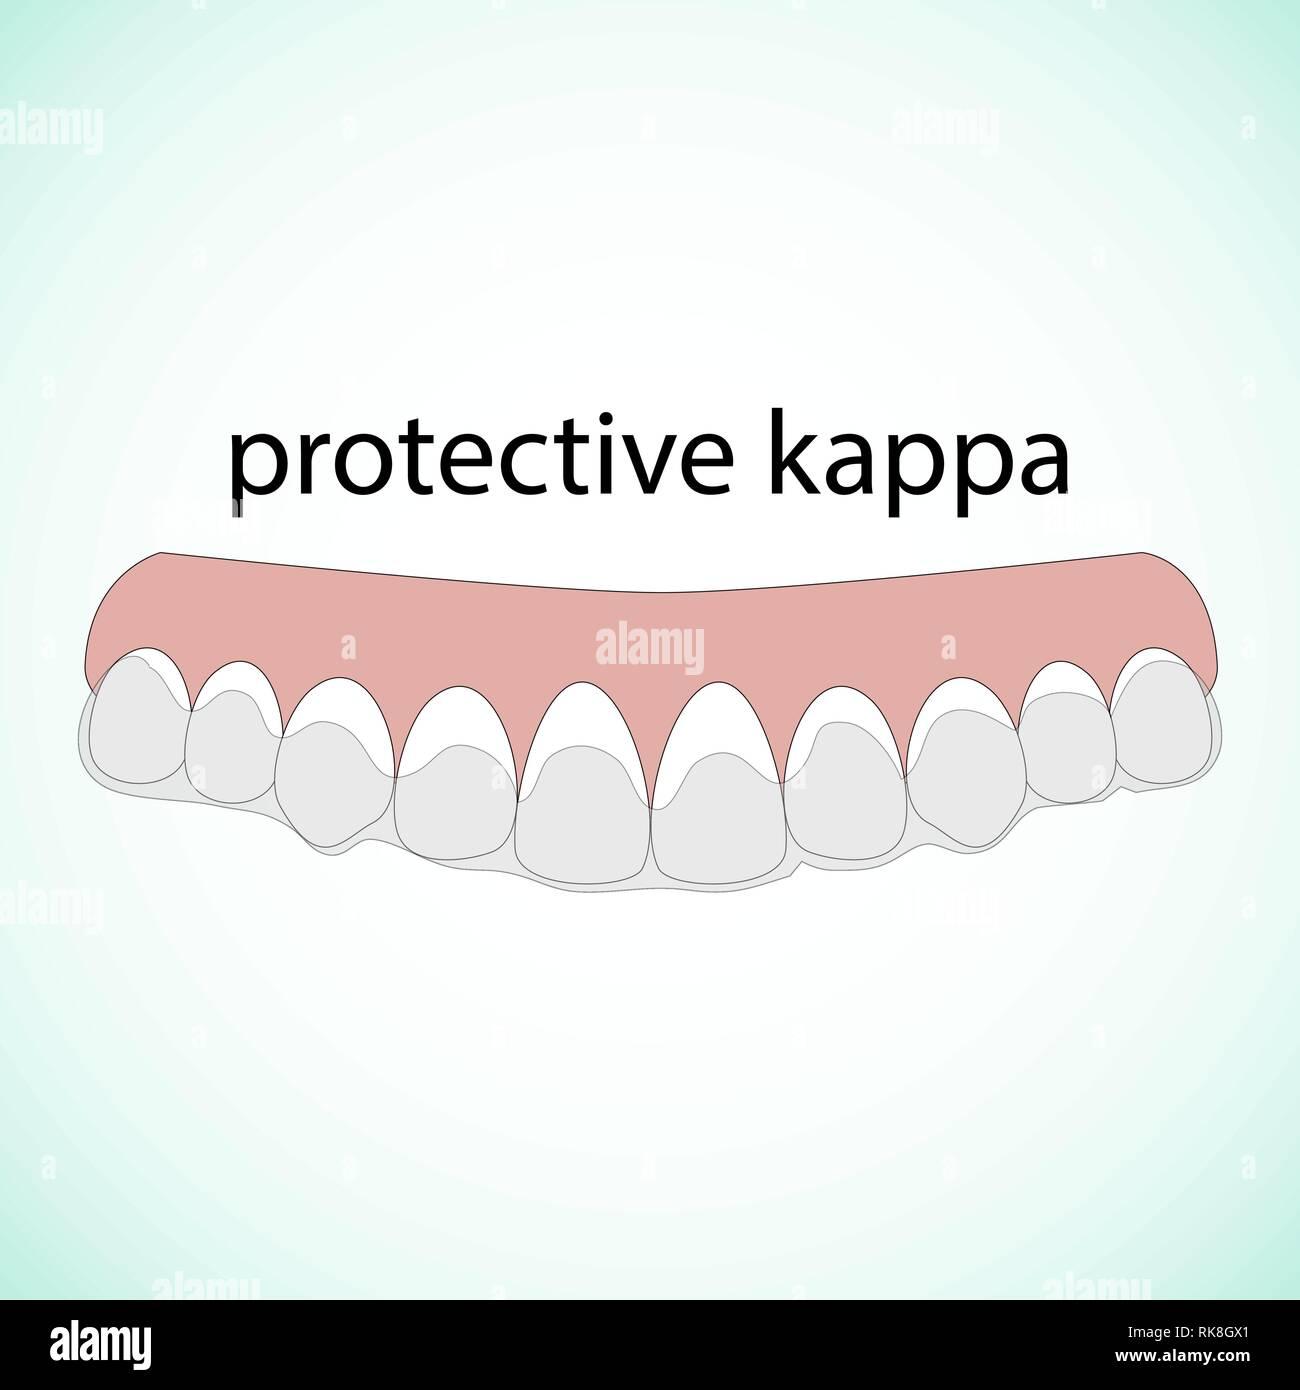 Dientes ilustración vectorial. Borra los dientes. Kappa protectora.  Concepto dental Imagen De Stock 163bf14e63d96